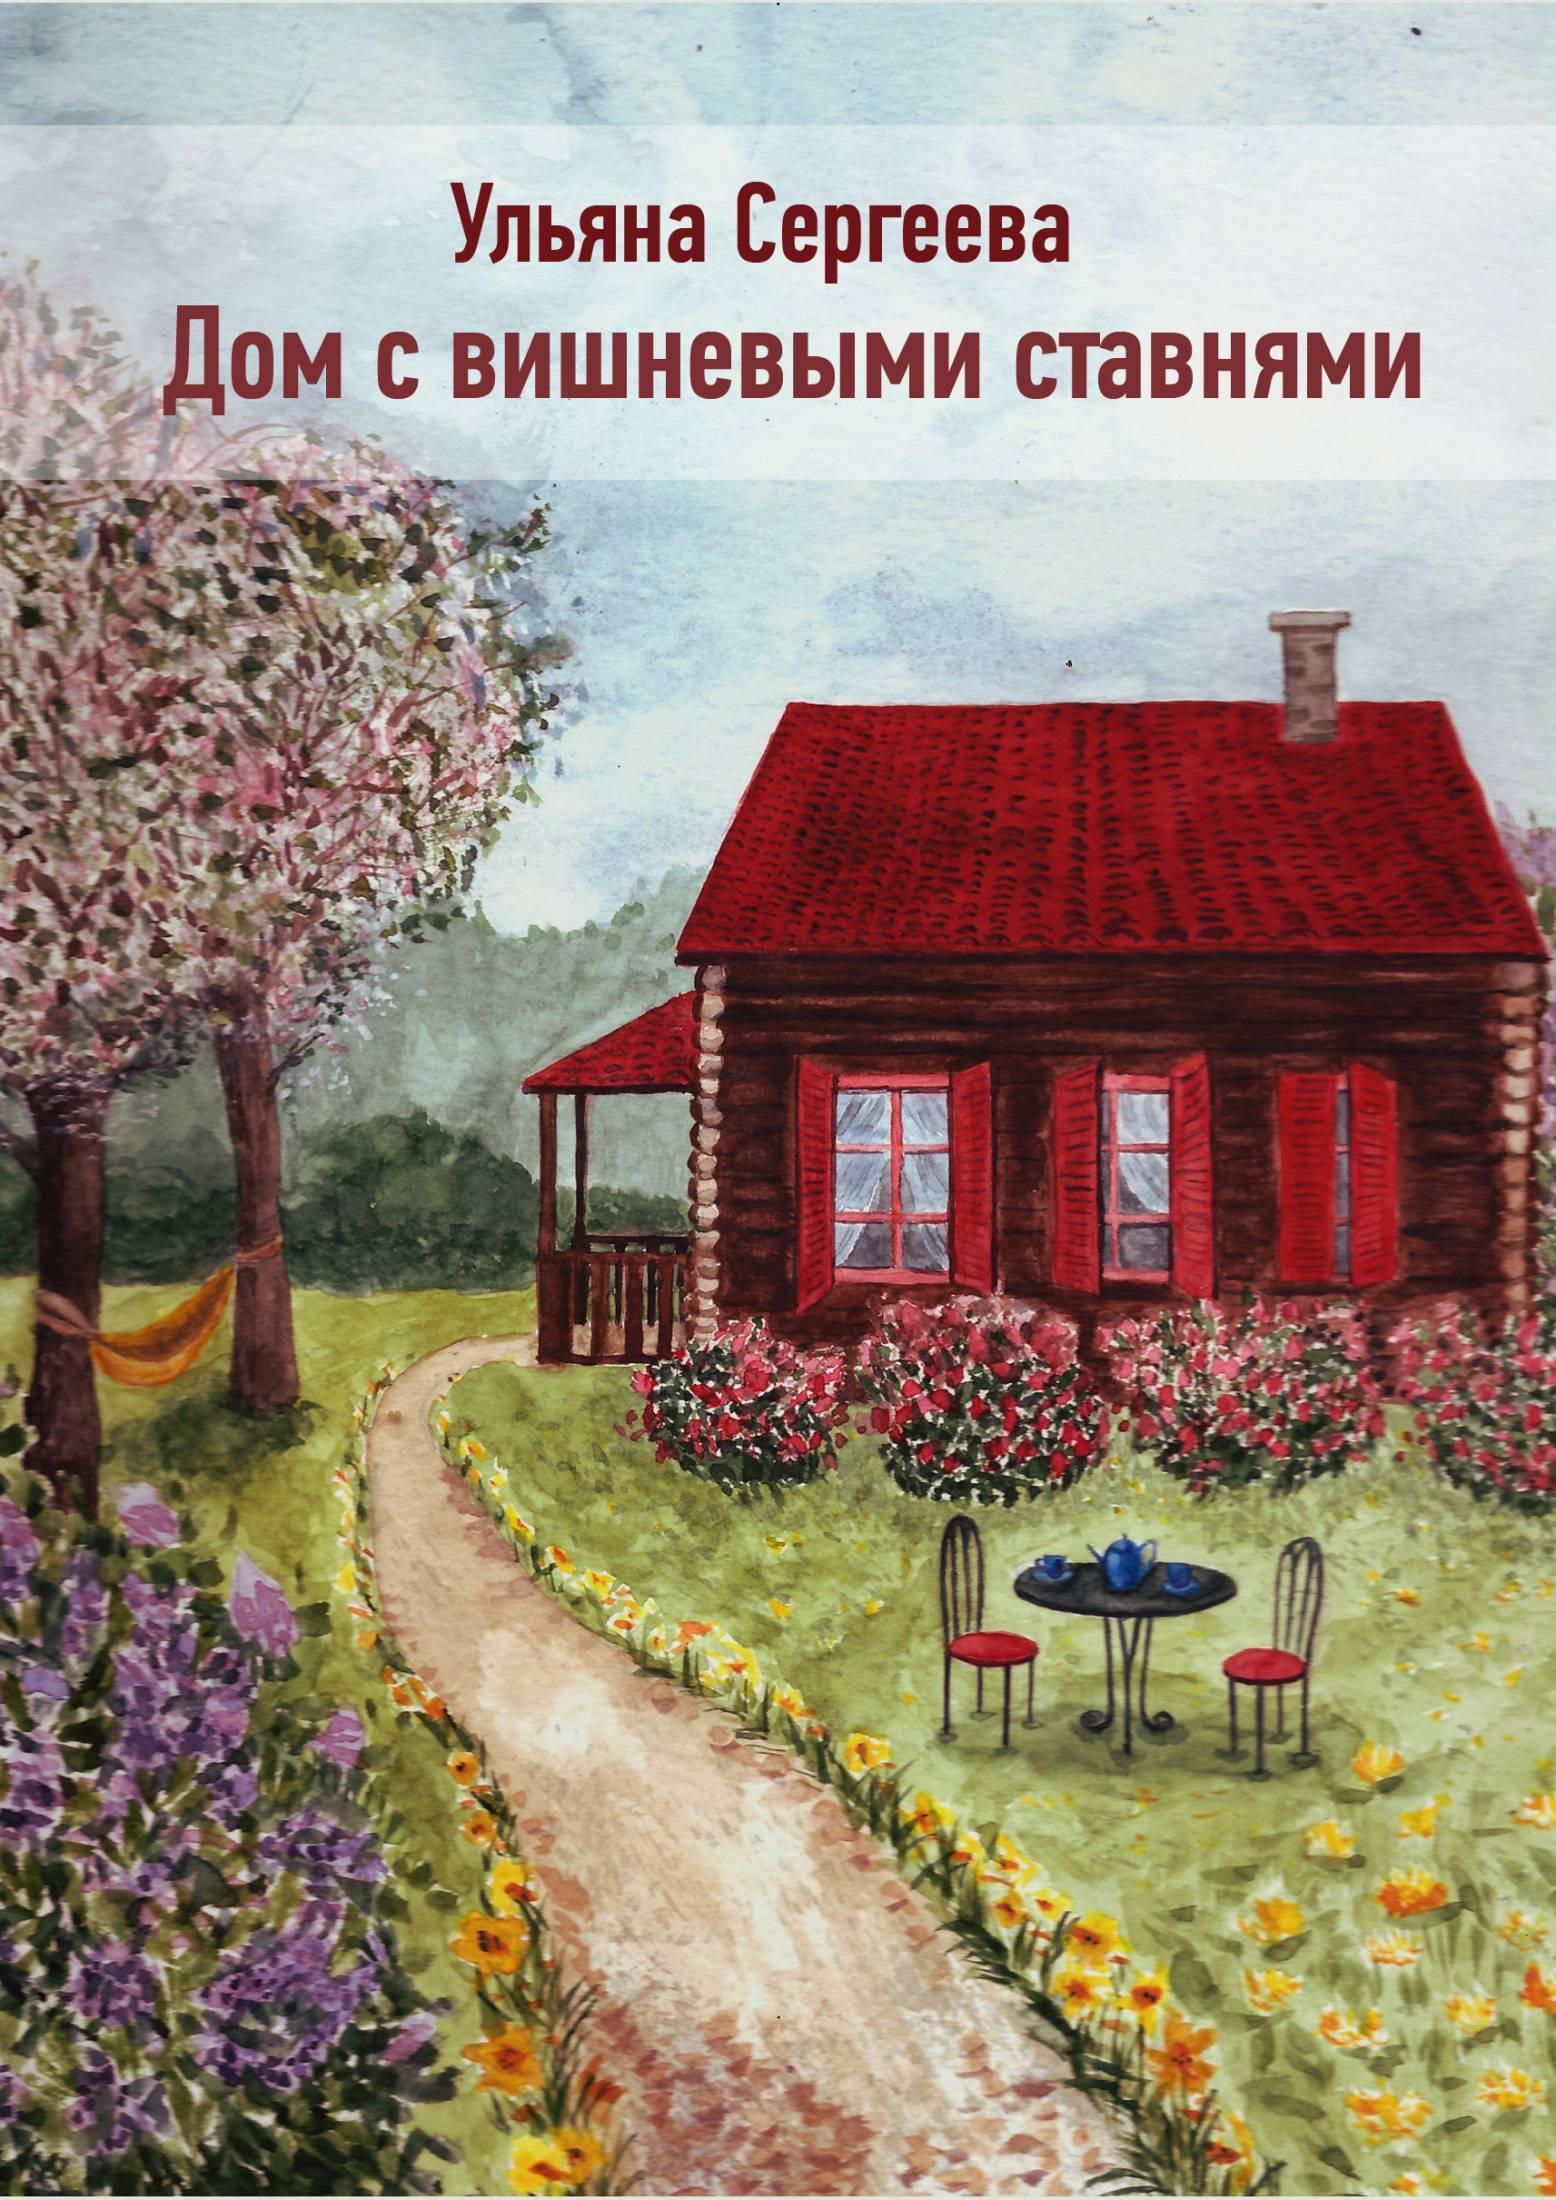 Ульяна Сергеева бесплатно